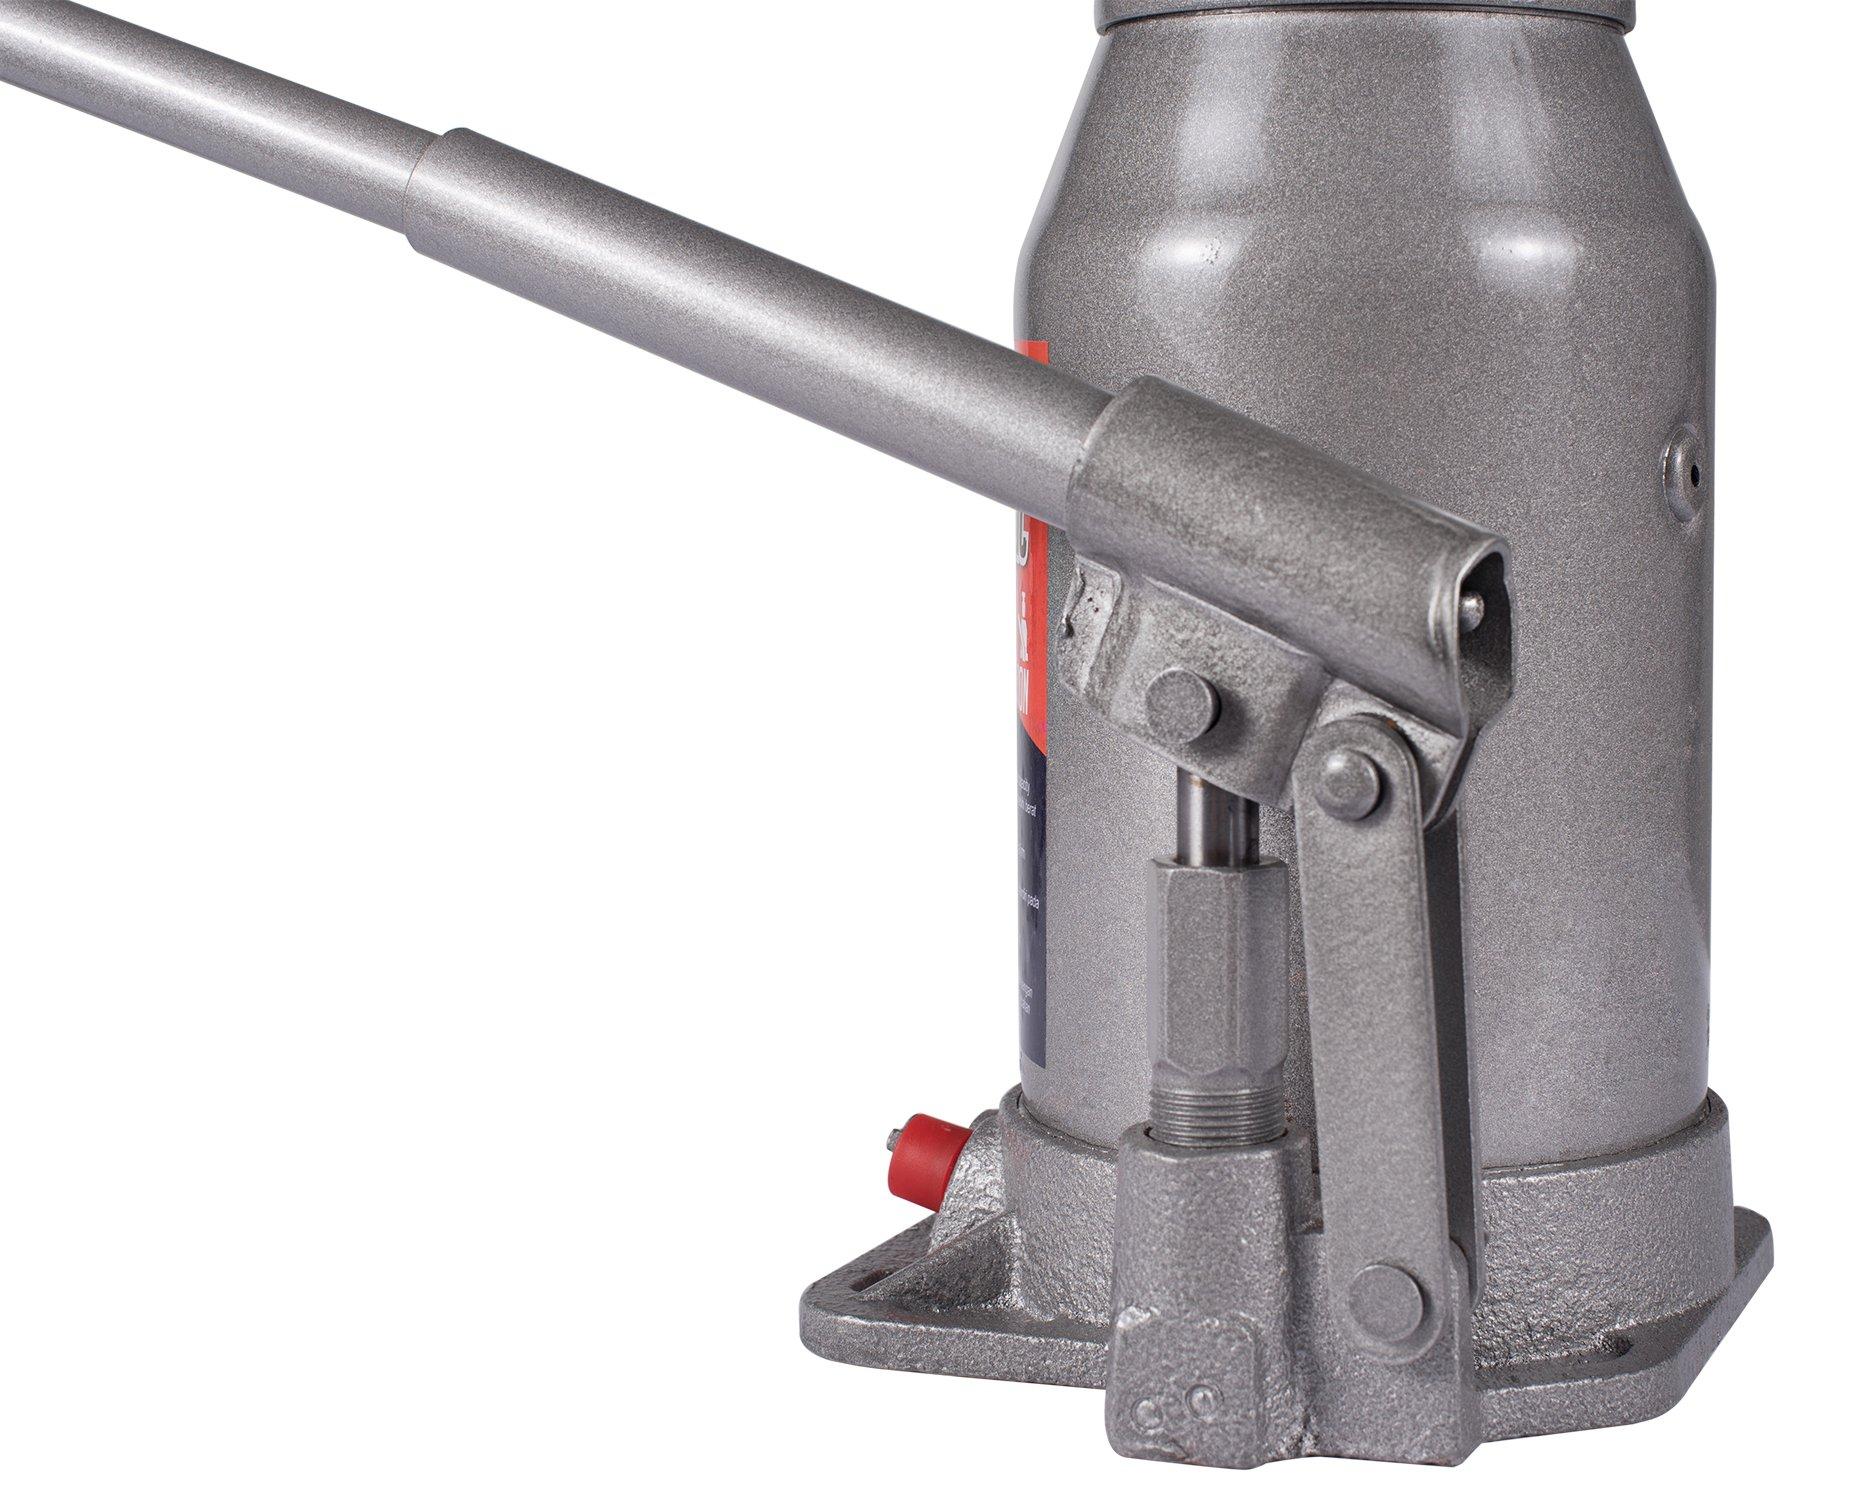 BAISHITE Hydraulic Bottle Jack 20 Ton Capacity Grey by BAISHITE (Image #7)